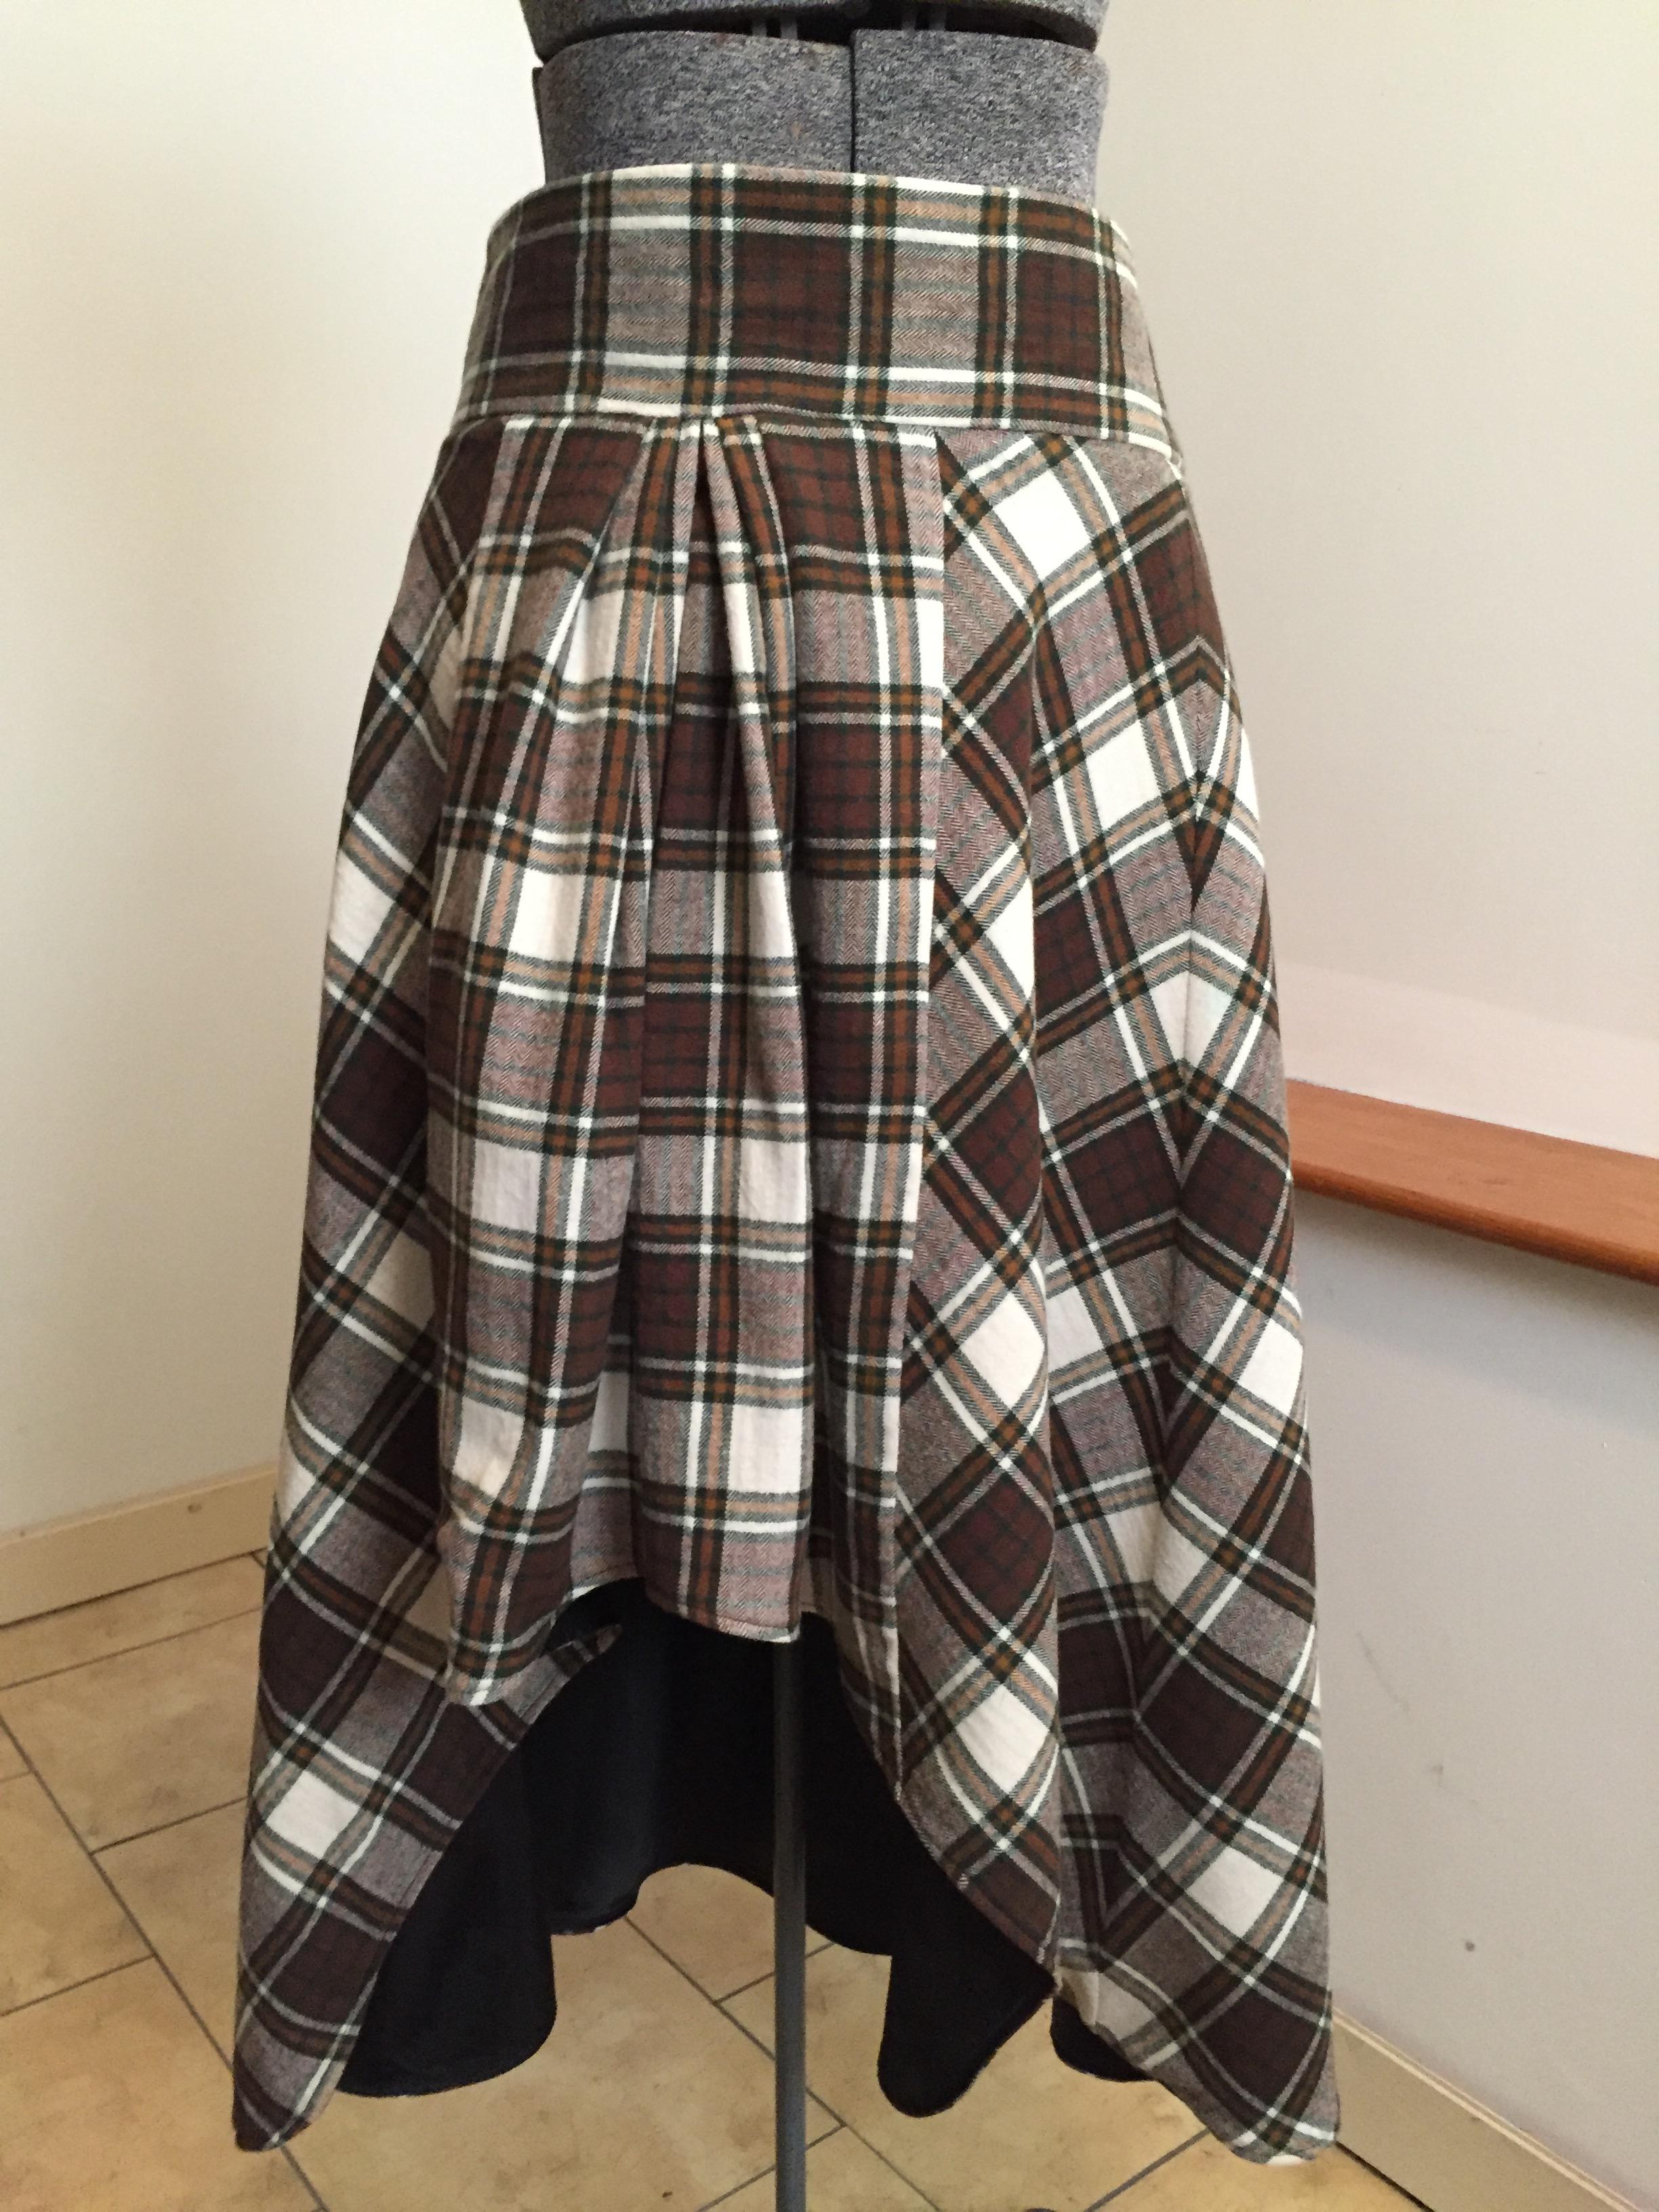 96a029c46f Alexander McQueen Tartan Skirt - Barrett's Custom Design